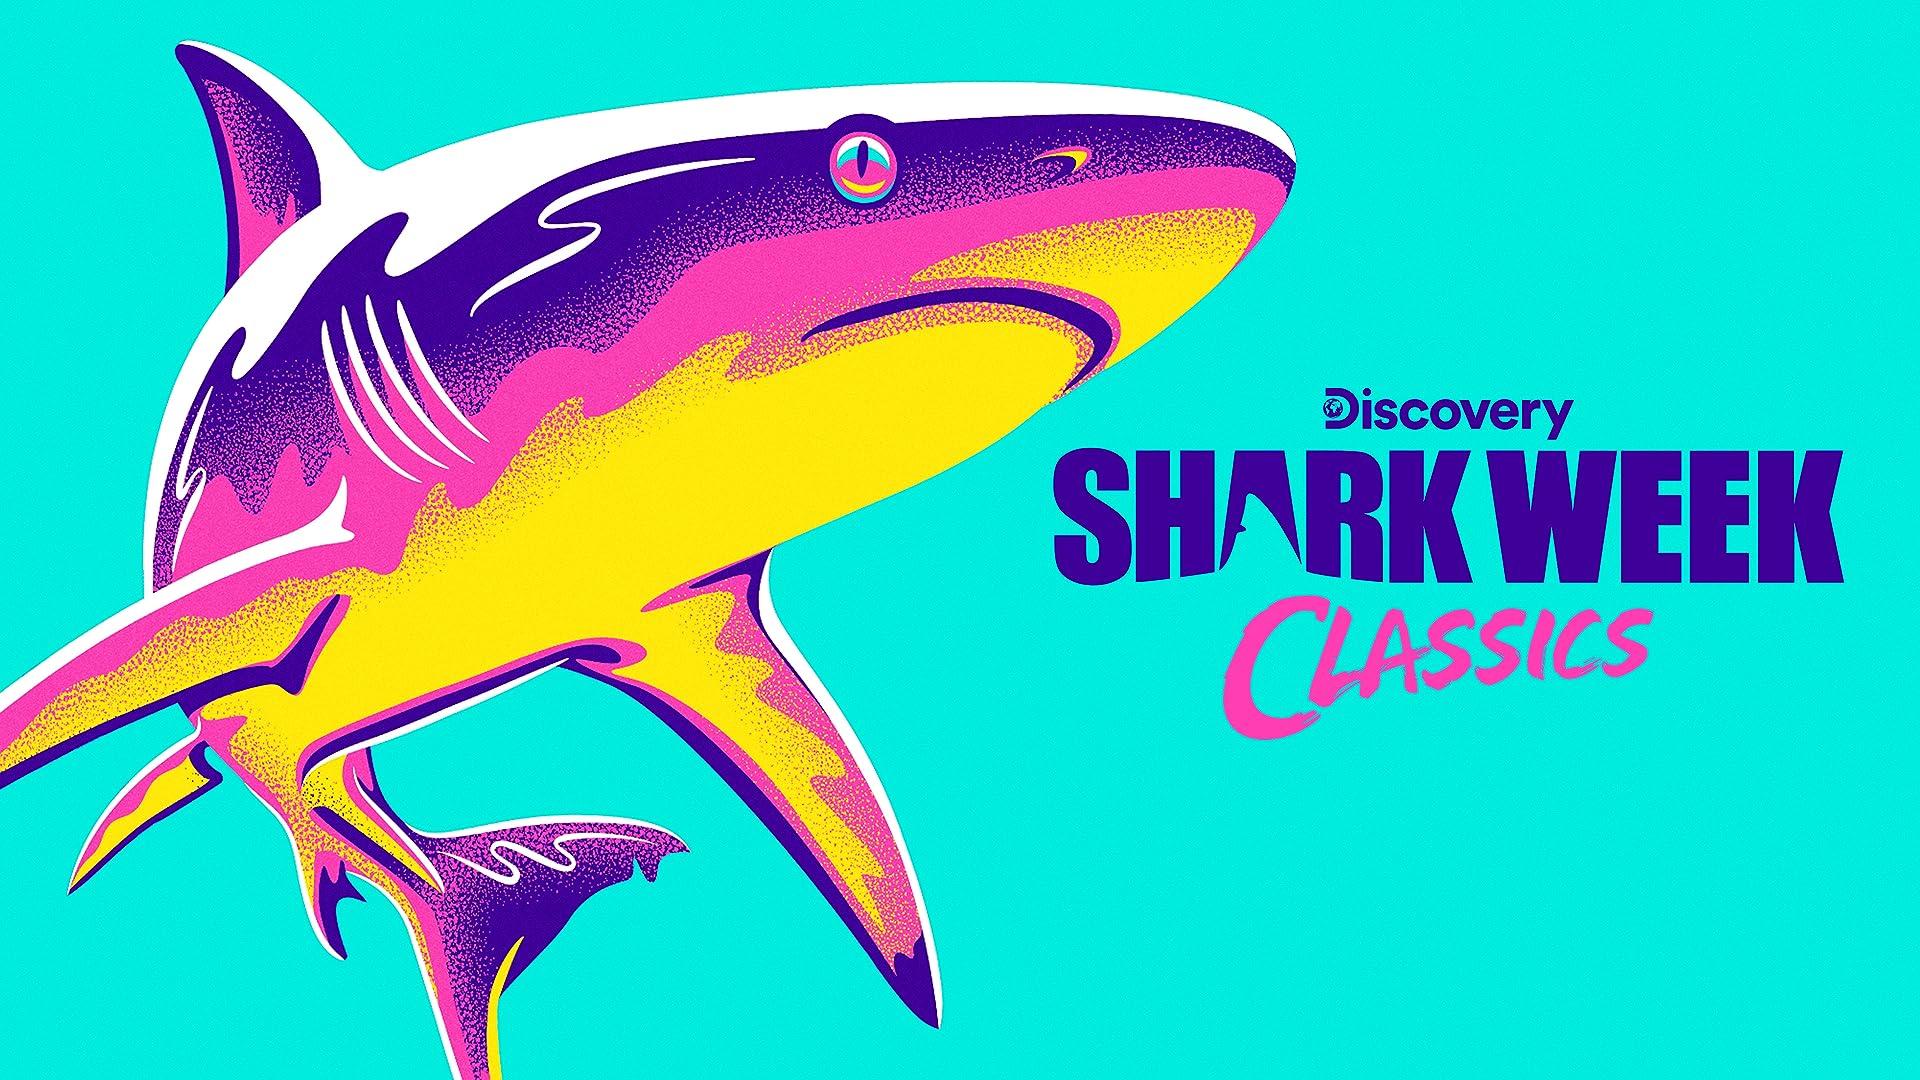 Shark Week - Season 2004